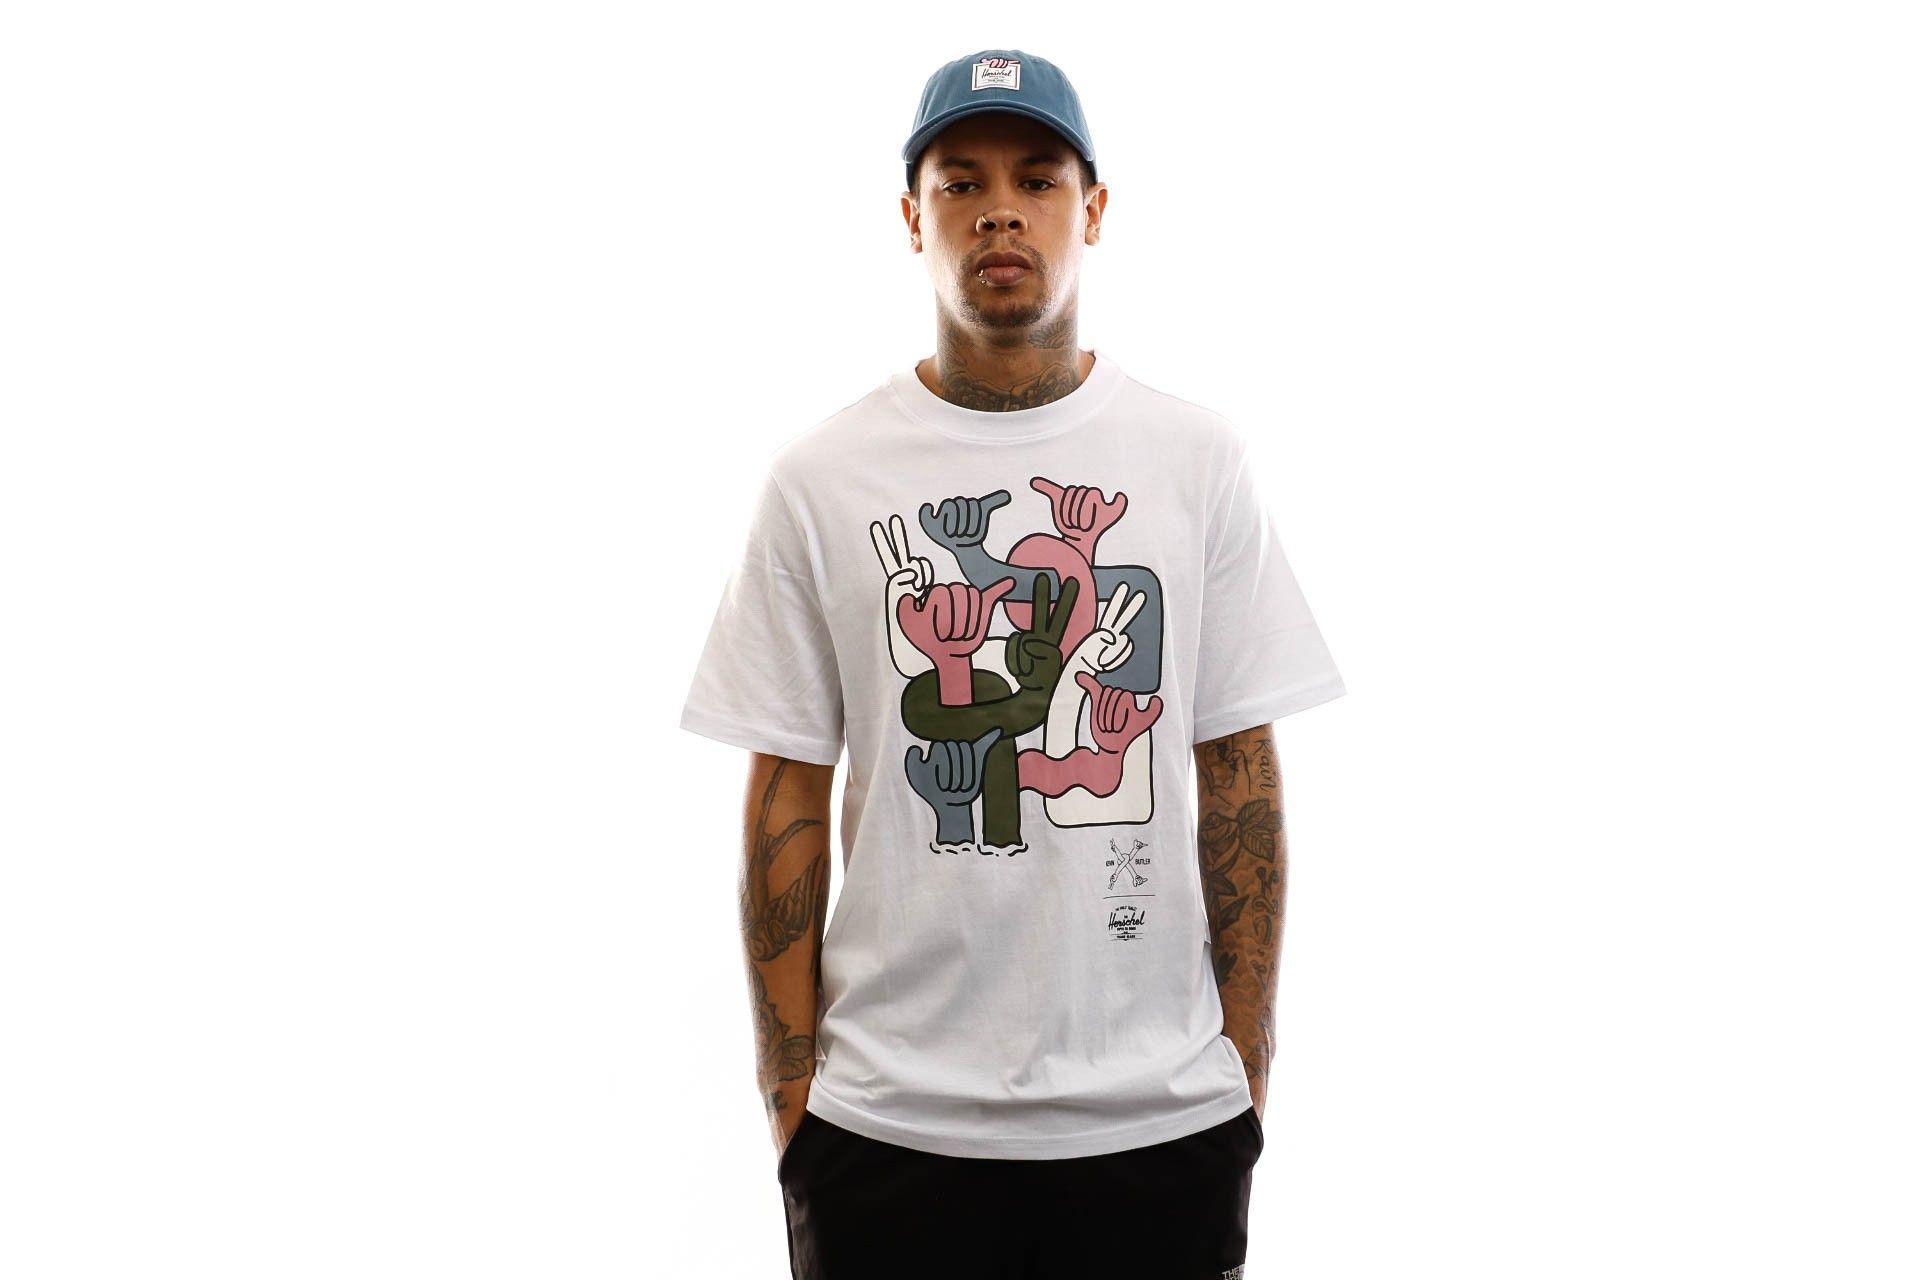 Afbeelding van Herschel T-shirt Kevin Butler | Men's Tee Group Hands Bright White 50027-00565